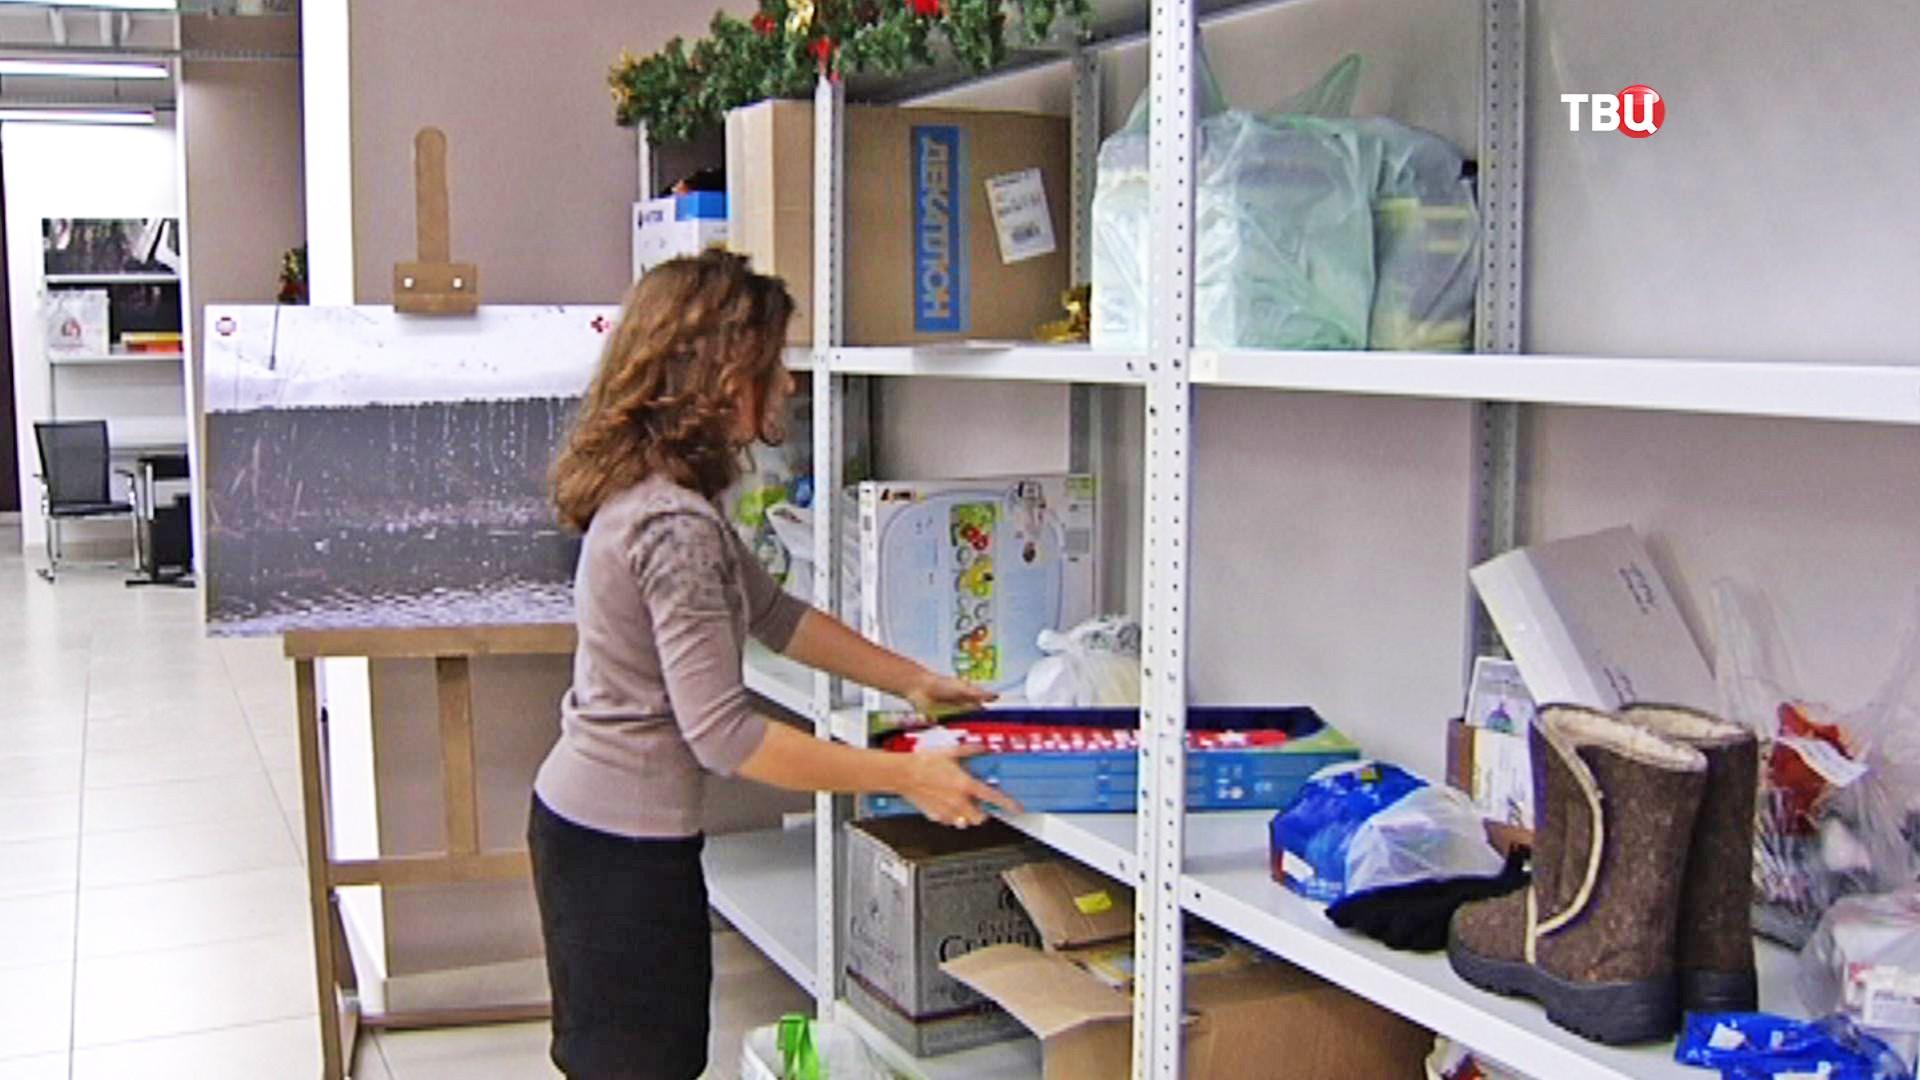 Сбор подарков для детей-инвалидов из детского дома Сбор подарков для детей инвалидов